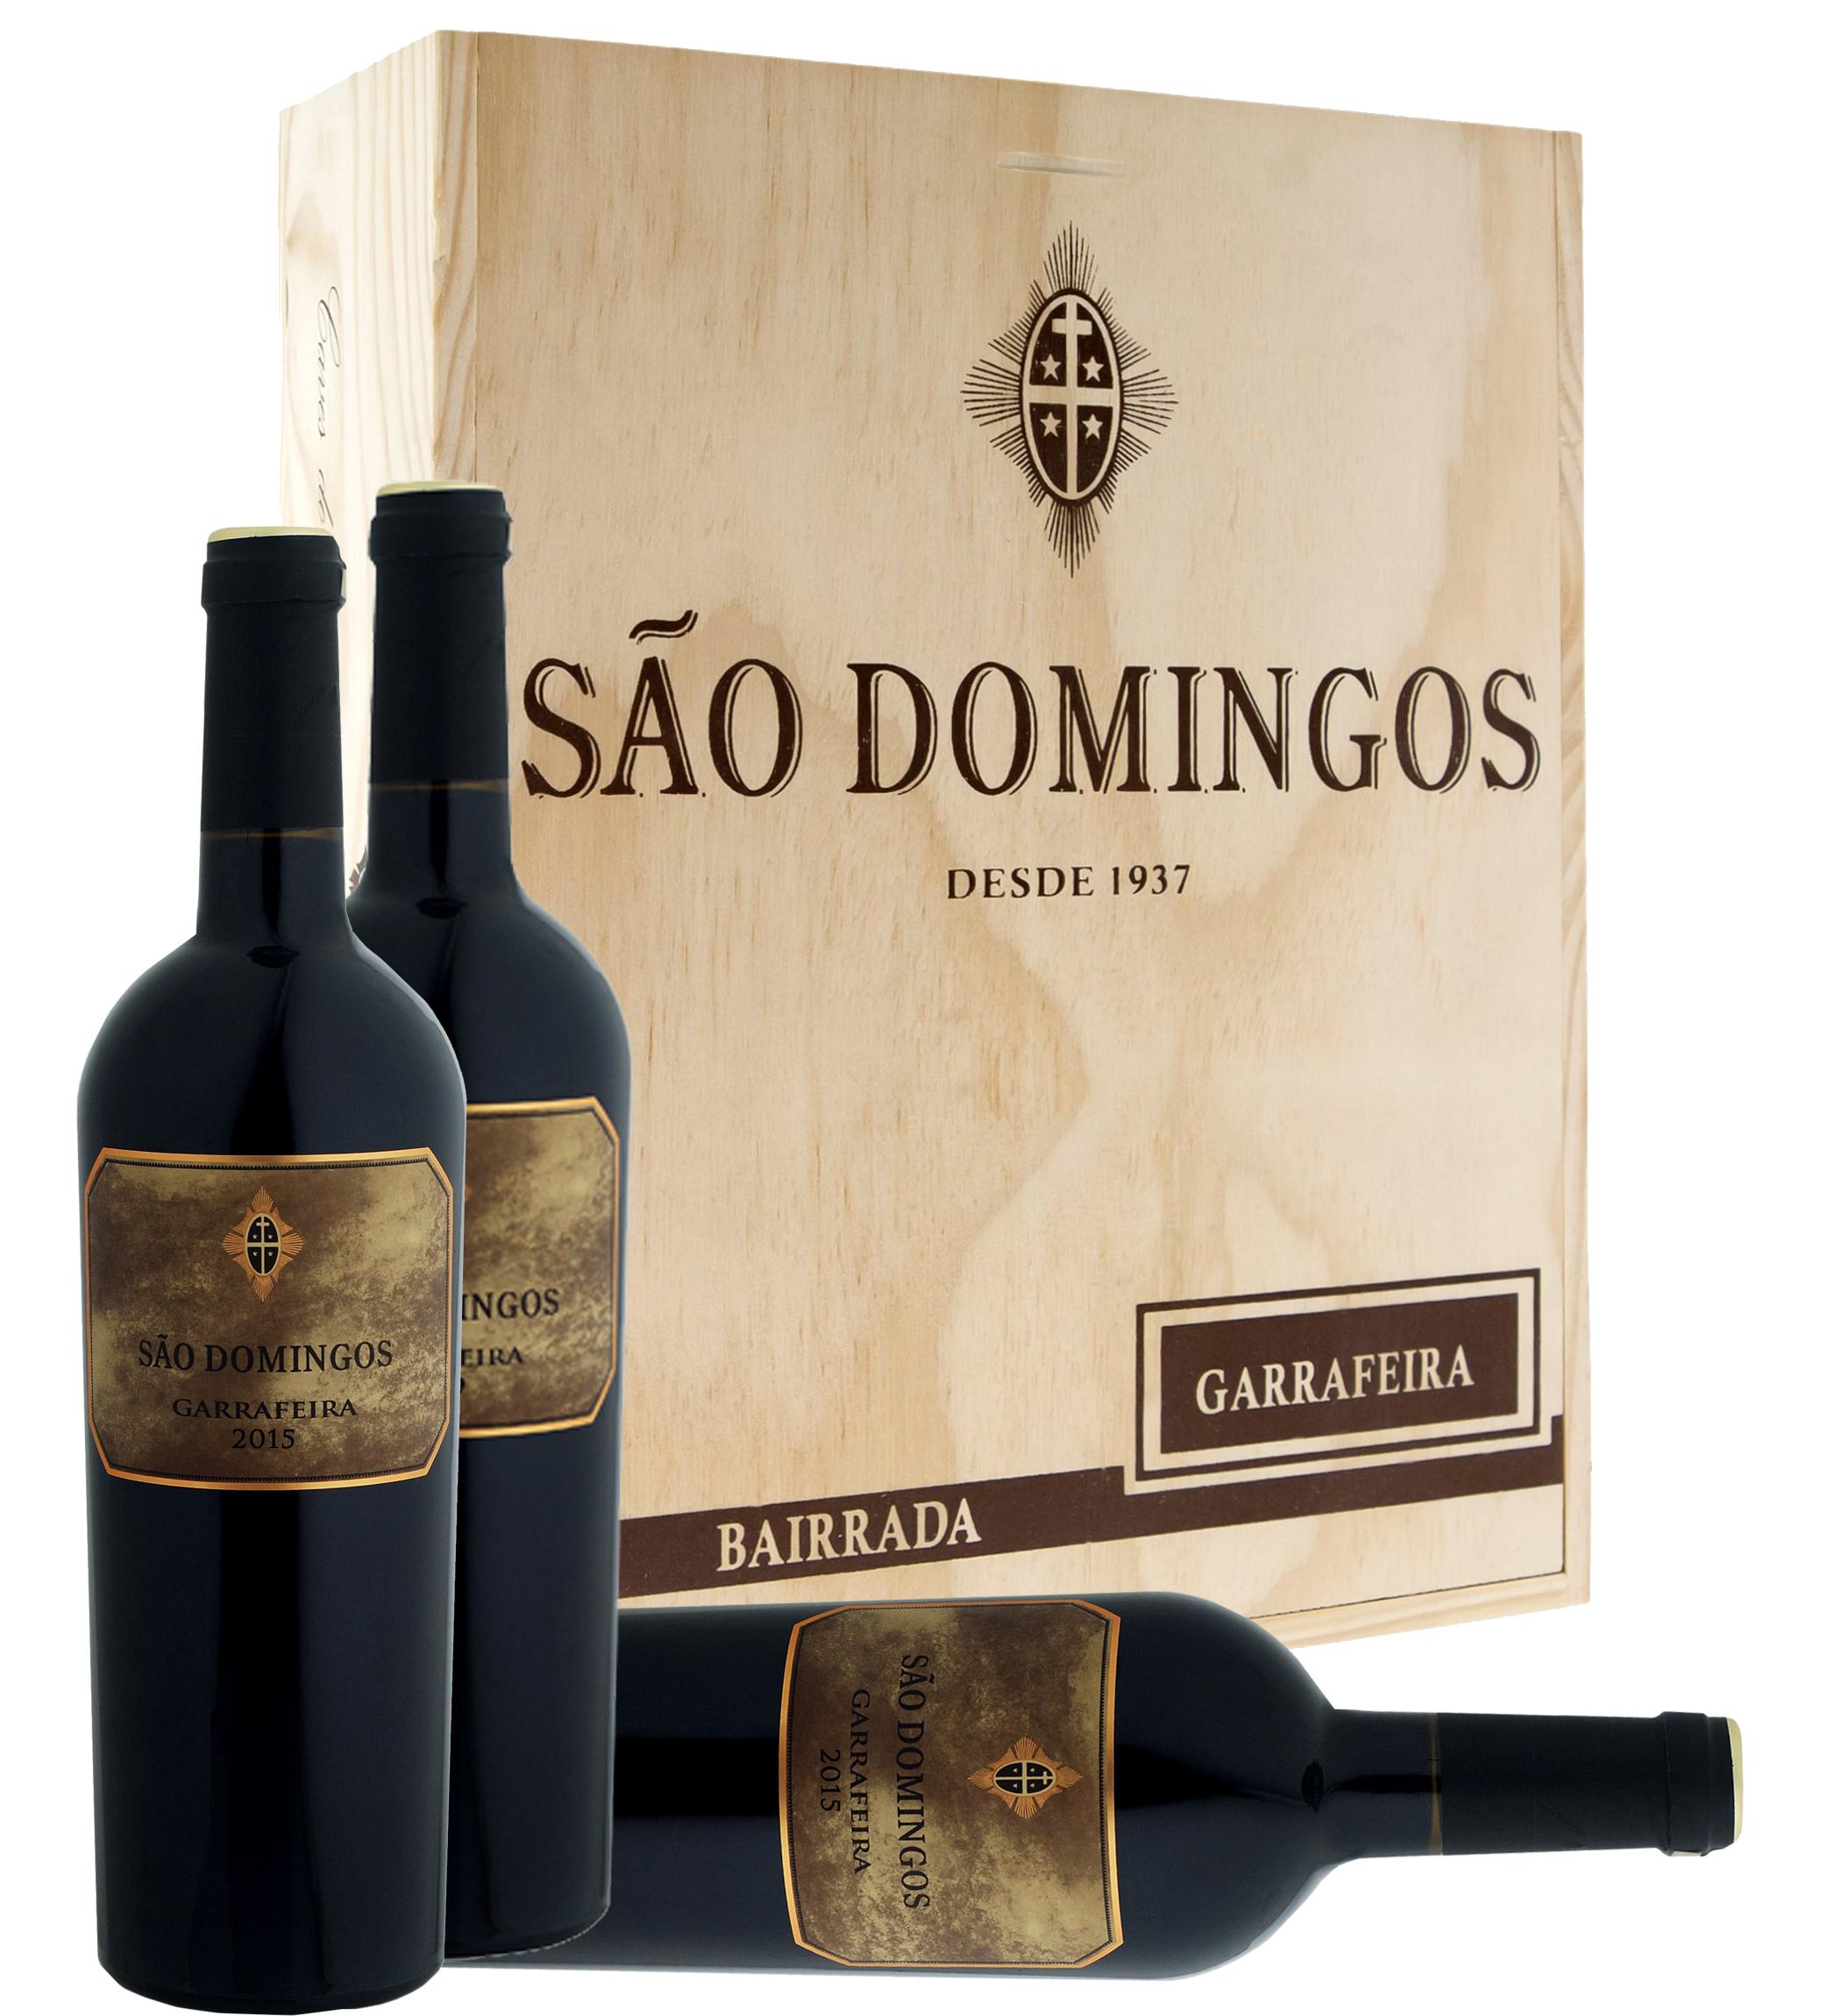 Garrafeira Red Wine